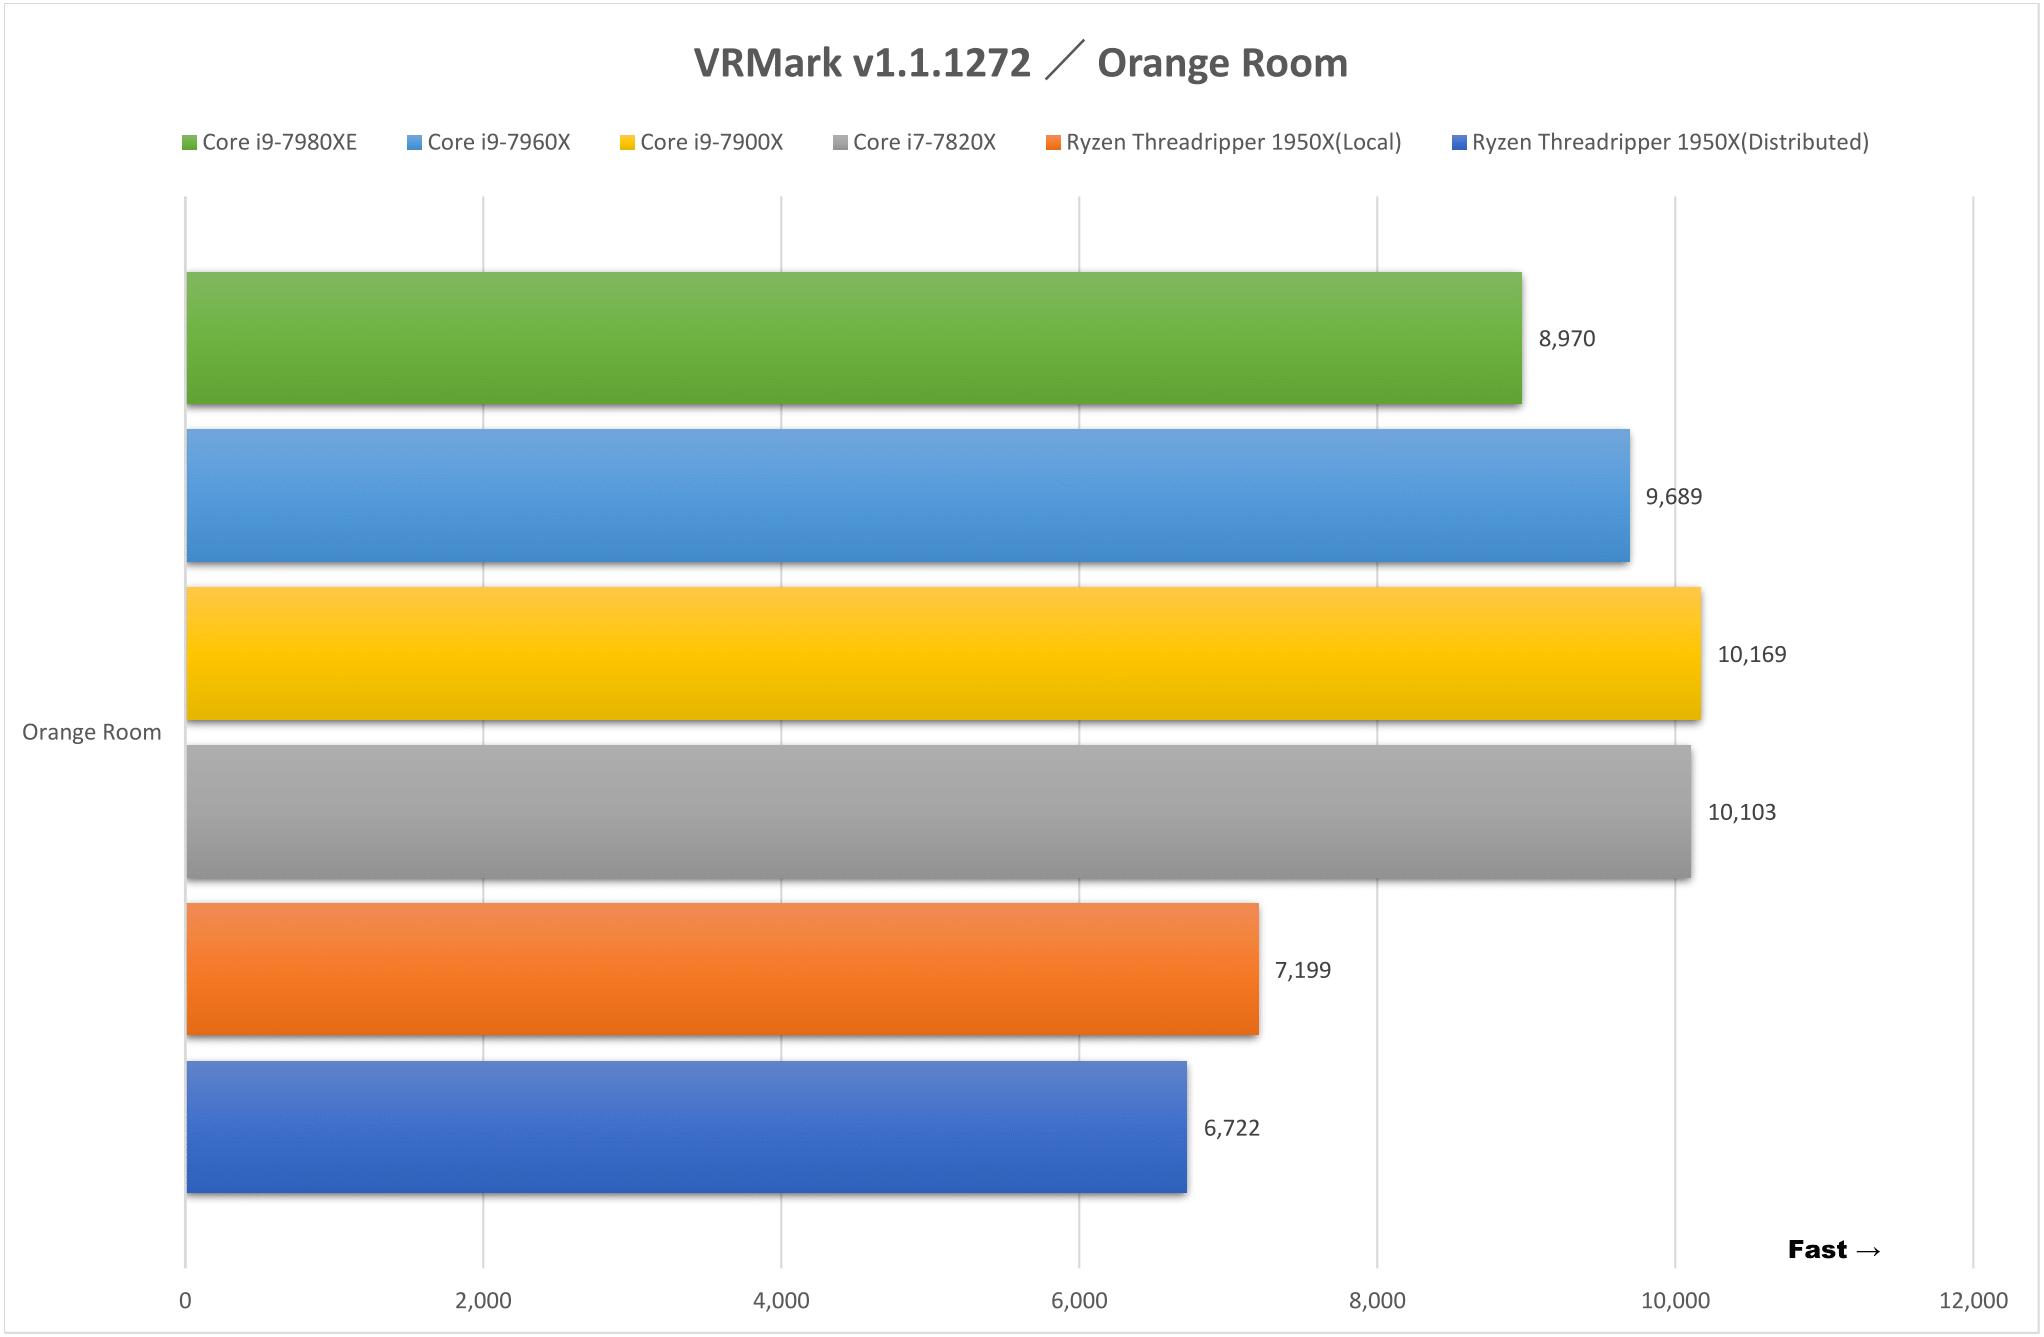 VRMark v1.1.1272 / Orange Room